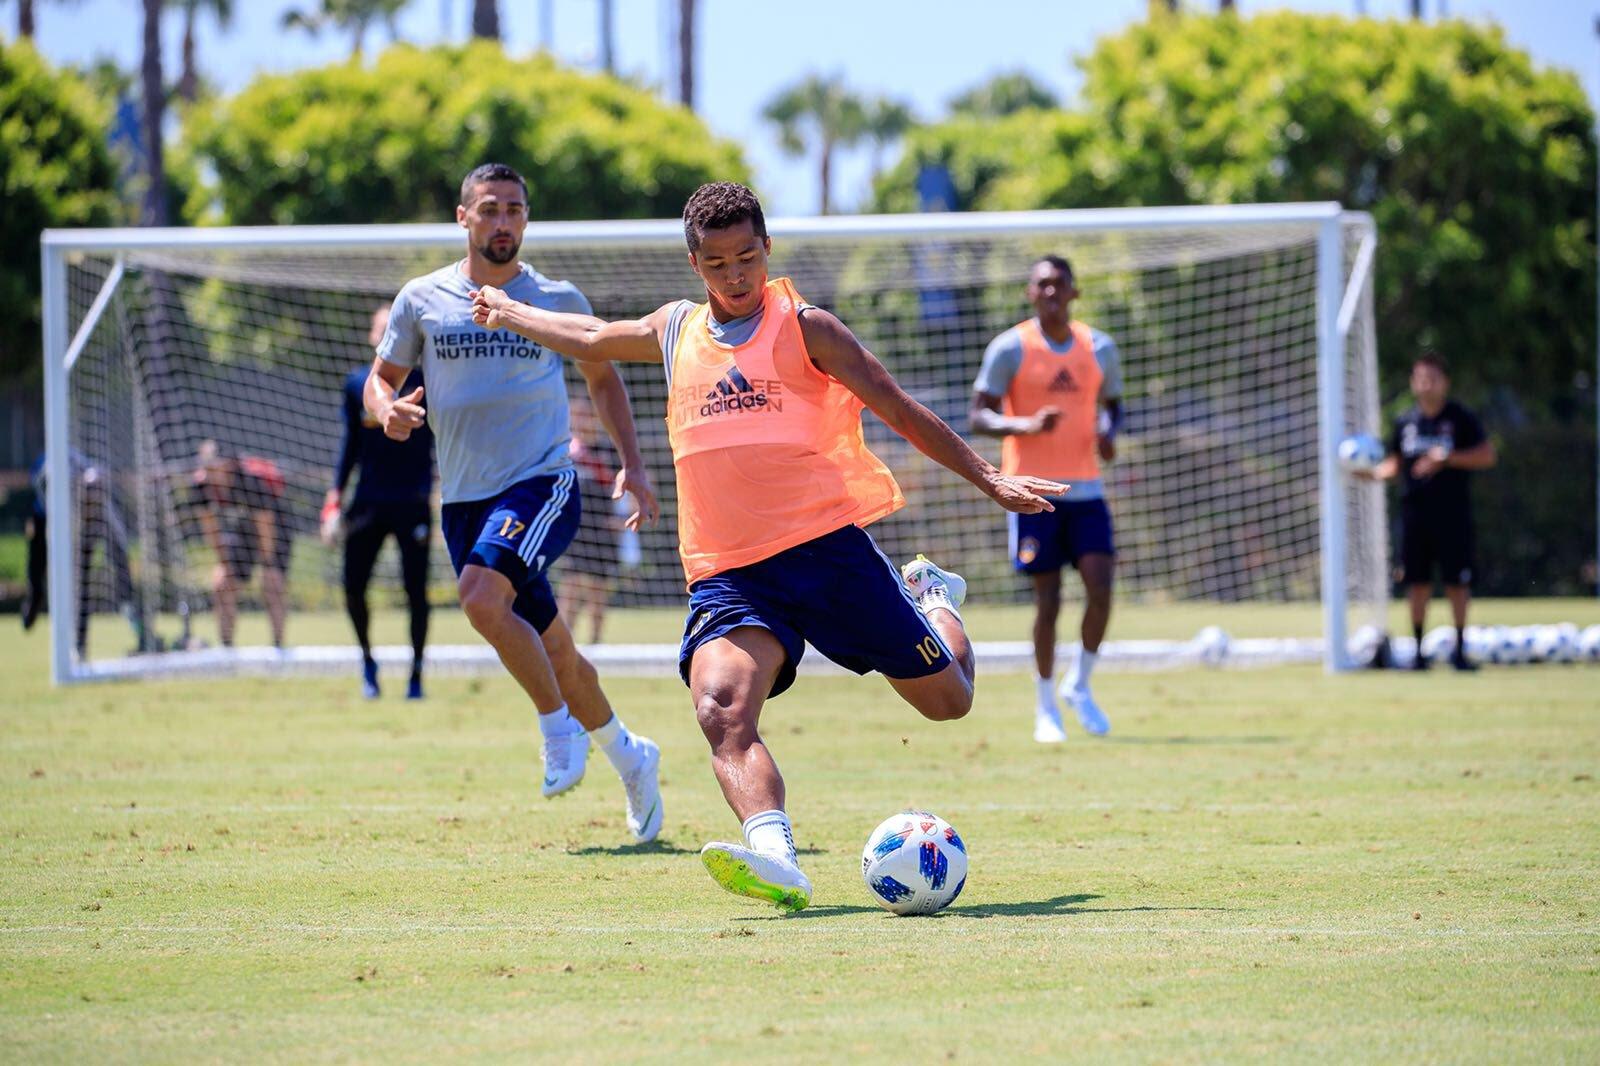 Giovani dos Santos sería jugador de América. Foto: Twitter